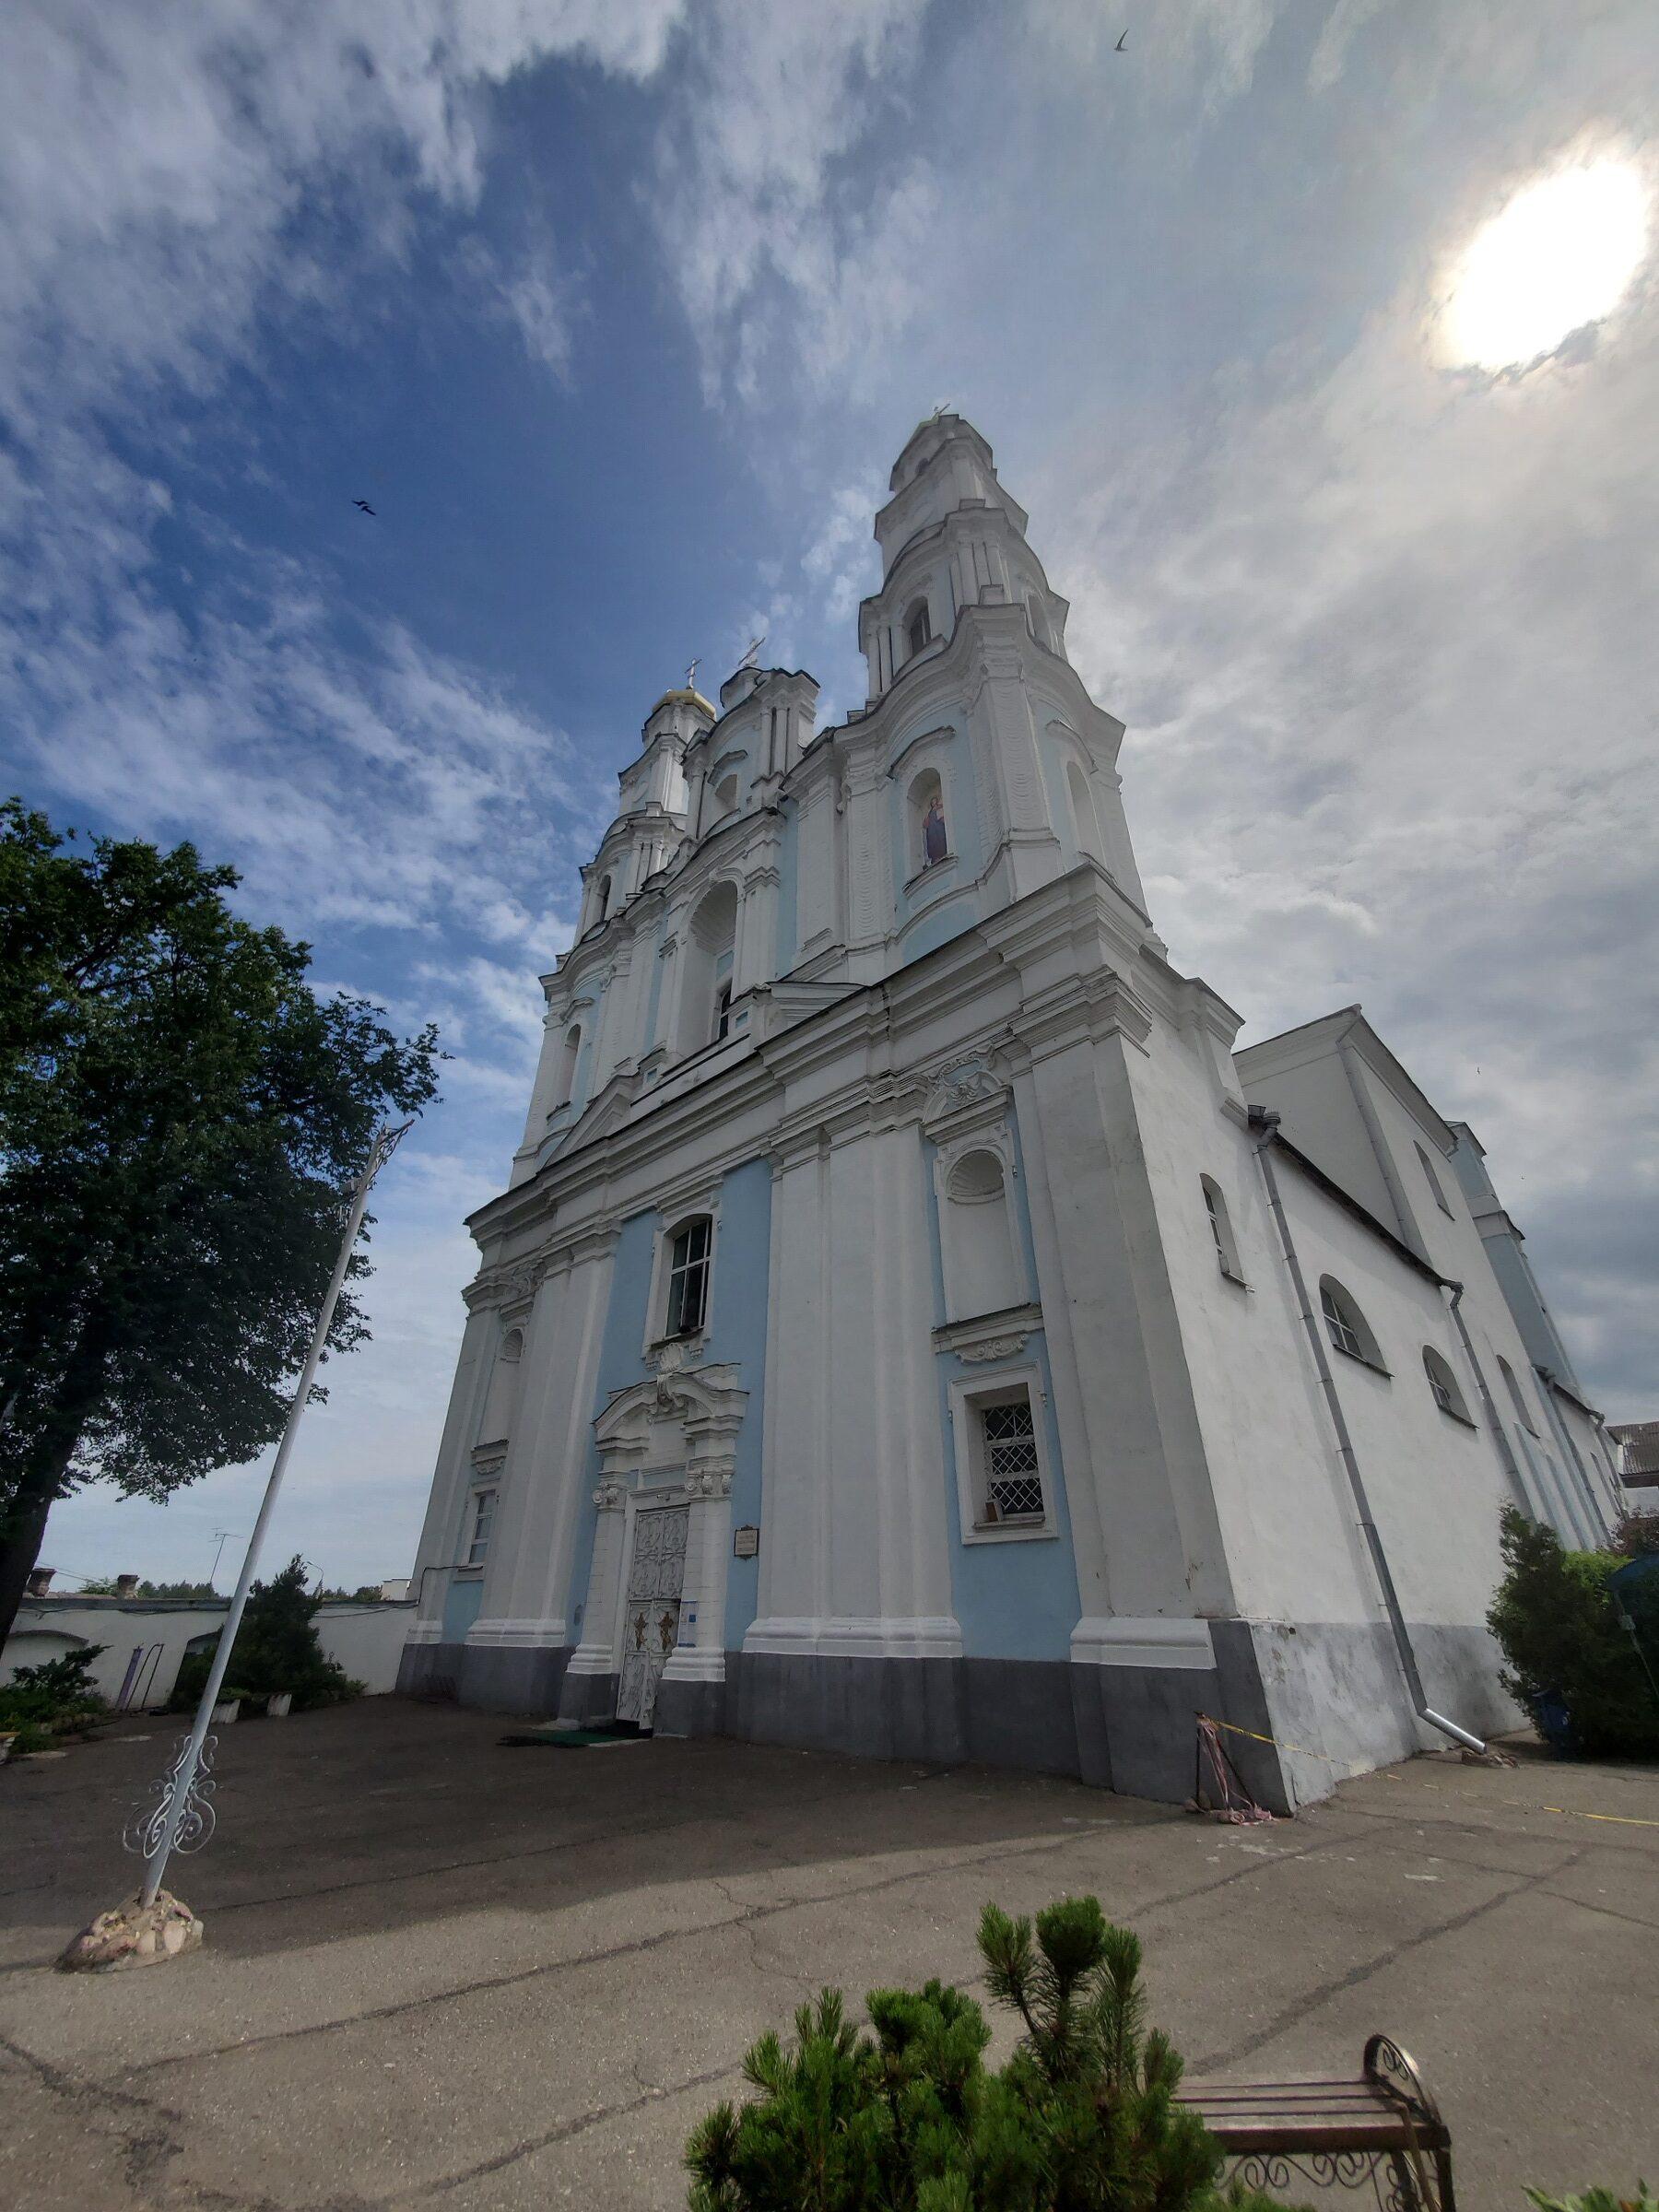 20200703 121413 1 rotated - Собор Рождества Пресвятой Богородицы в Глубоком